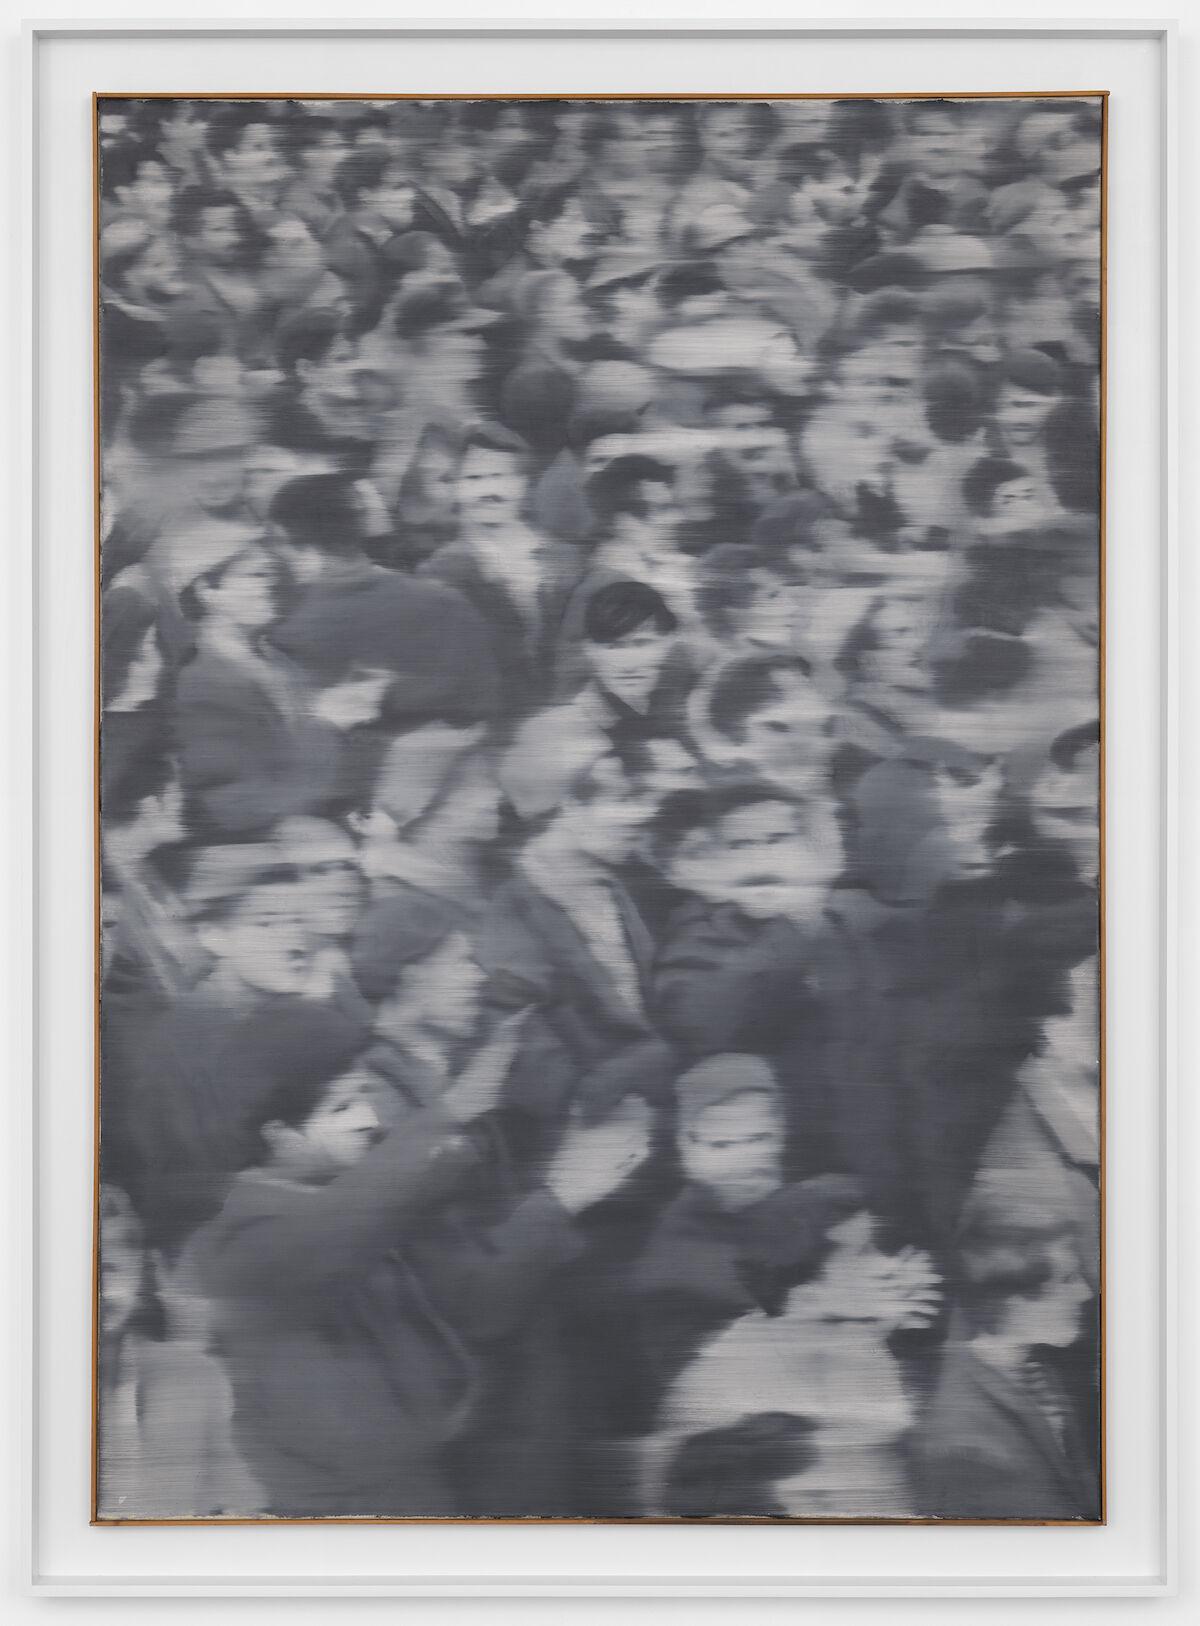 Gerhard Richter,Versammlung , 1966. © Gerhard Richter 2019. Courtesy of David Zwirner.